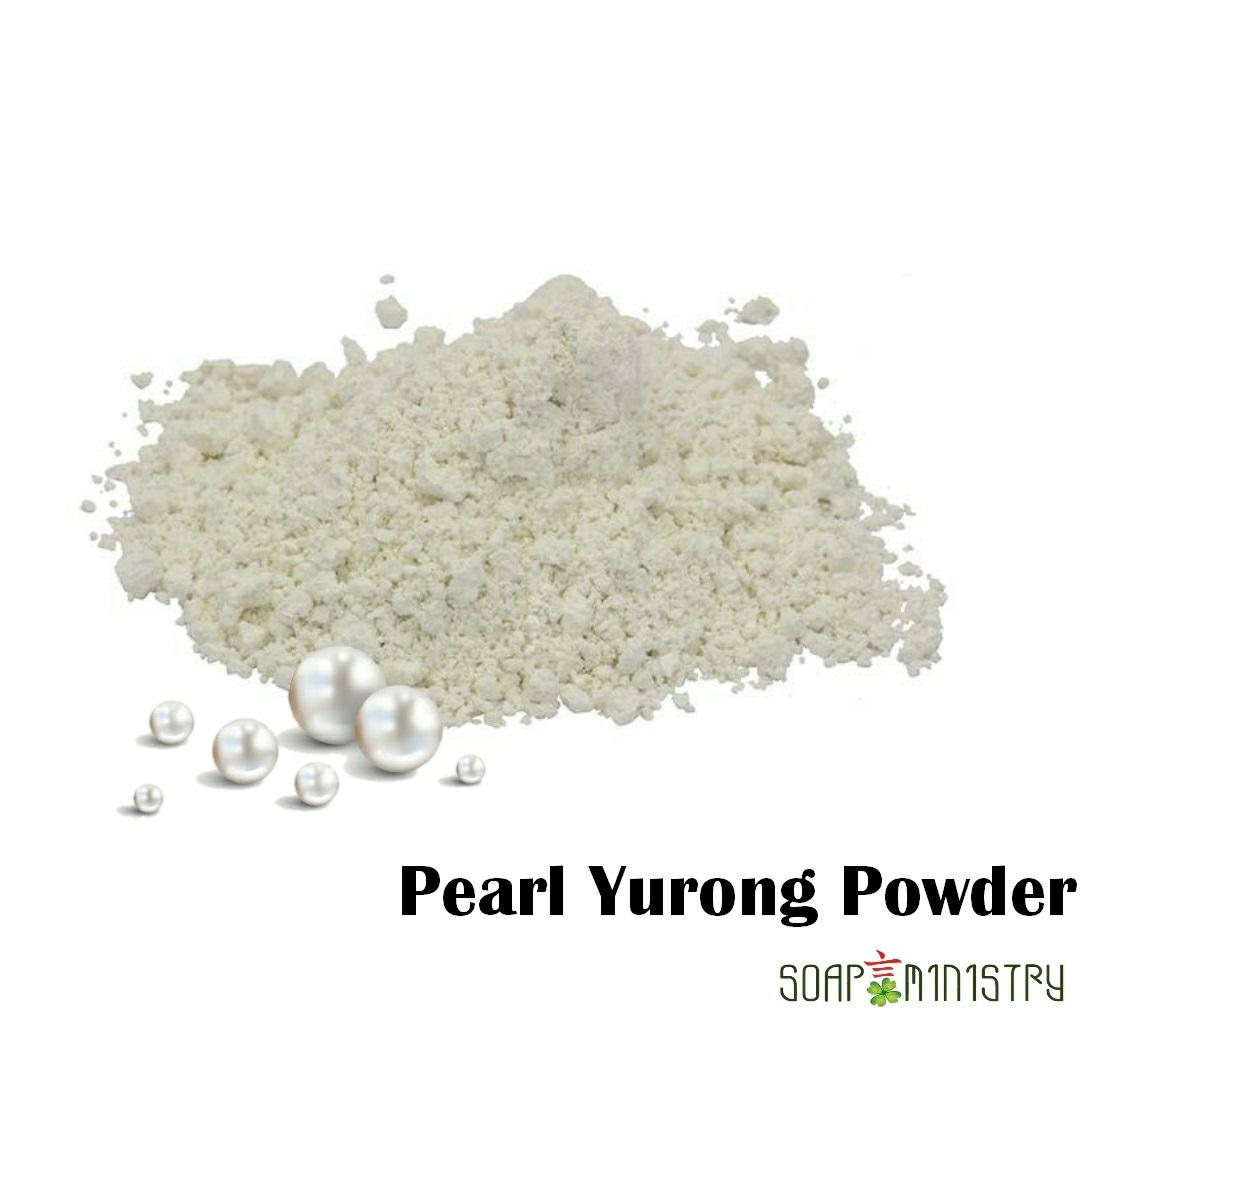 Pearl Yurong Powder 250g